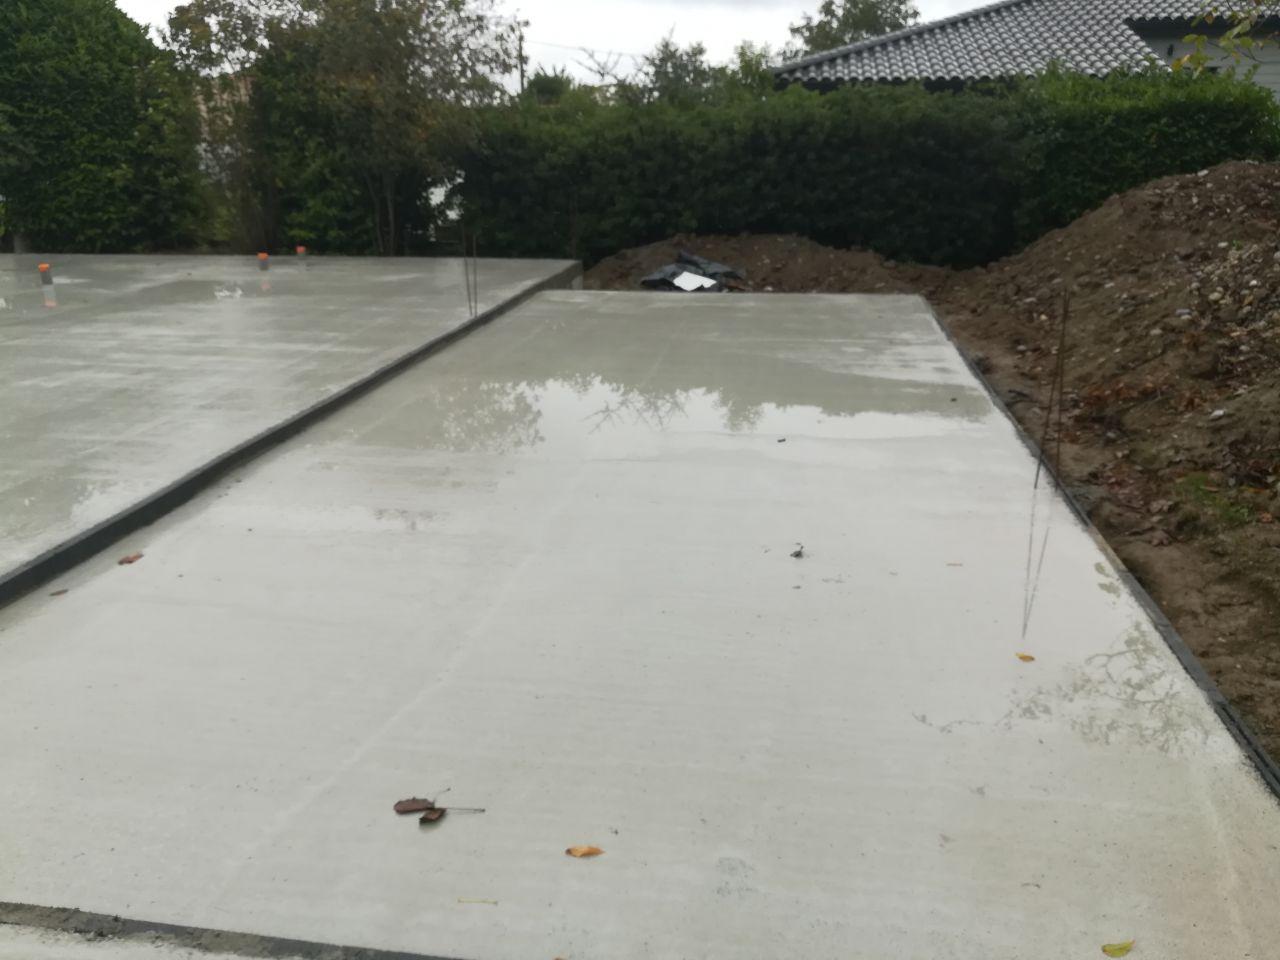 La terrasse quelques jours après, après une bonne grosse pluie : On voit un soucis de niveau,on a 2cm d'eau qui stagne collée à la maison.